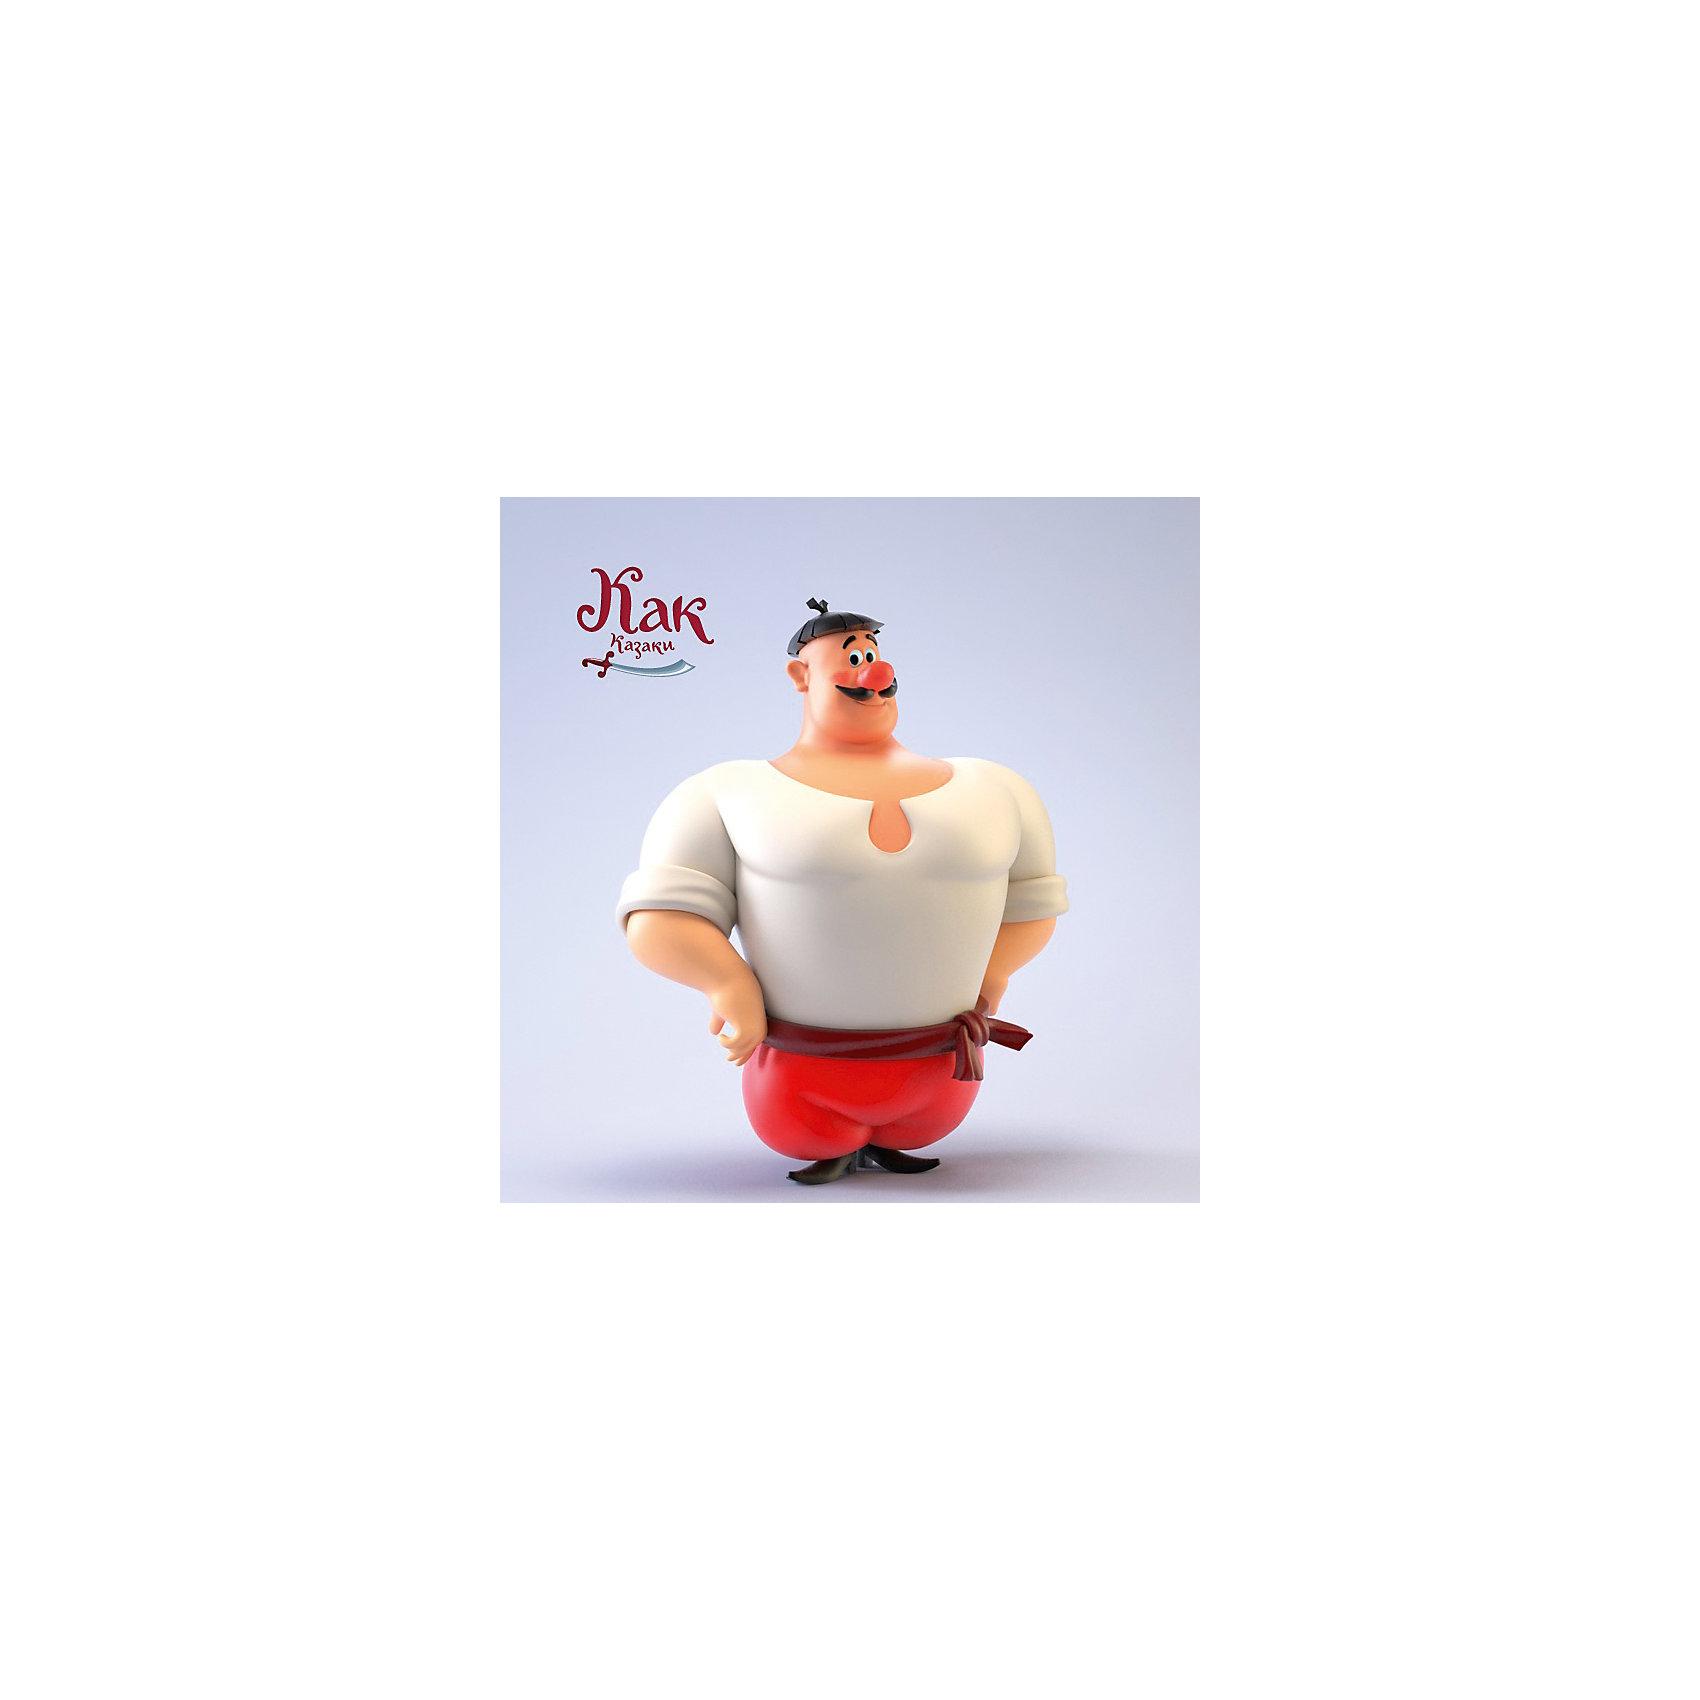 Силач Тур, серия   Как Казаки.., ProstotoysСилач Тур - всем известный и любимый герой мультипликационной эпопеи о приключениях запорожских казаков. Фигурка прекрасно детализирована и реалистично раскрашена, очень похожа на героя мультфильма. Игрушка выполнена из высококачественных экологичных материалов, не имеет острых углов и мелких деталей, безопасна даже для малышей. <br><br>Дополнительная информация:<br><br>- Материал: ПВХ.<br>- Высота: 12 см.<br>- Цвет: красный, черный.<br><br>Фигурку Силача Тура, серии Как Казаки.., Prostotoys   можно купить в нашем магазине.<br><br>Ширина мм: 100<br>Глубина мм: 150<br>Высота мм: 120<br>Вес г: 150<br>Возраст от месяцев: 36<br>Возраст до месяцев: 192<br>Пол: Унисекс<br>Возраст: Детский<br>SKU: 4224782